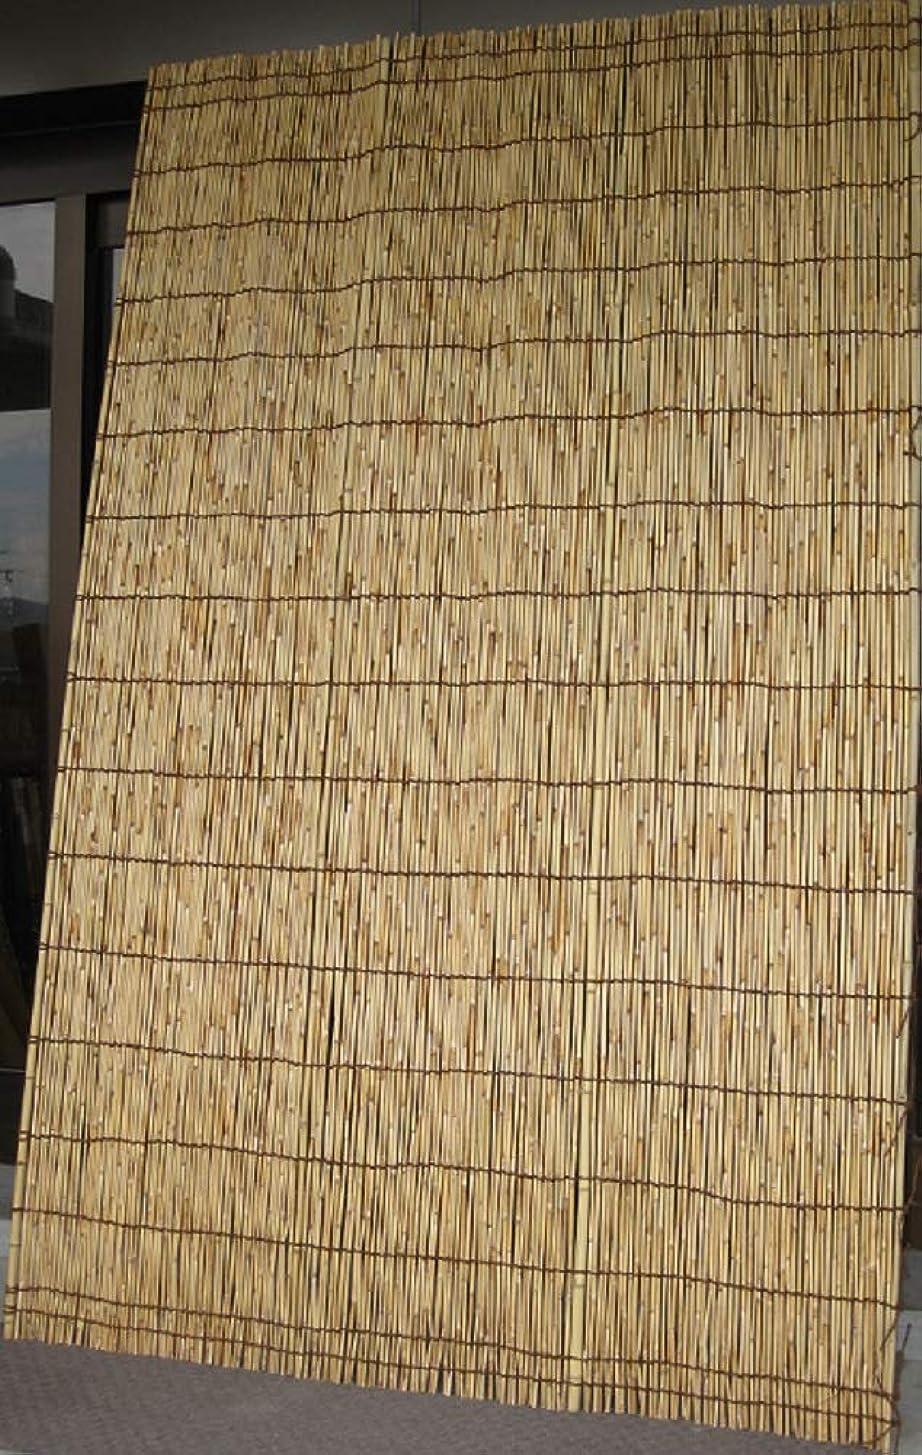 反抗ここに出発高級特選天然よしず(棕櫚縄編み) 約幅180×高さ330cm